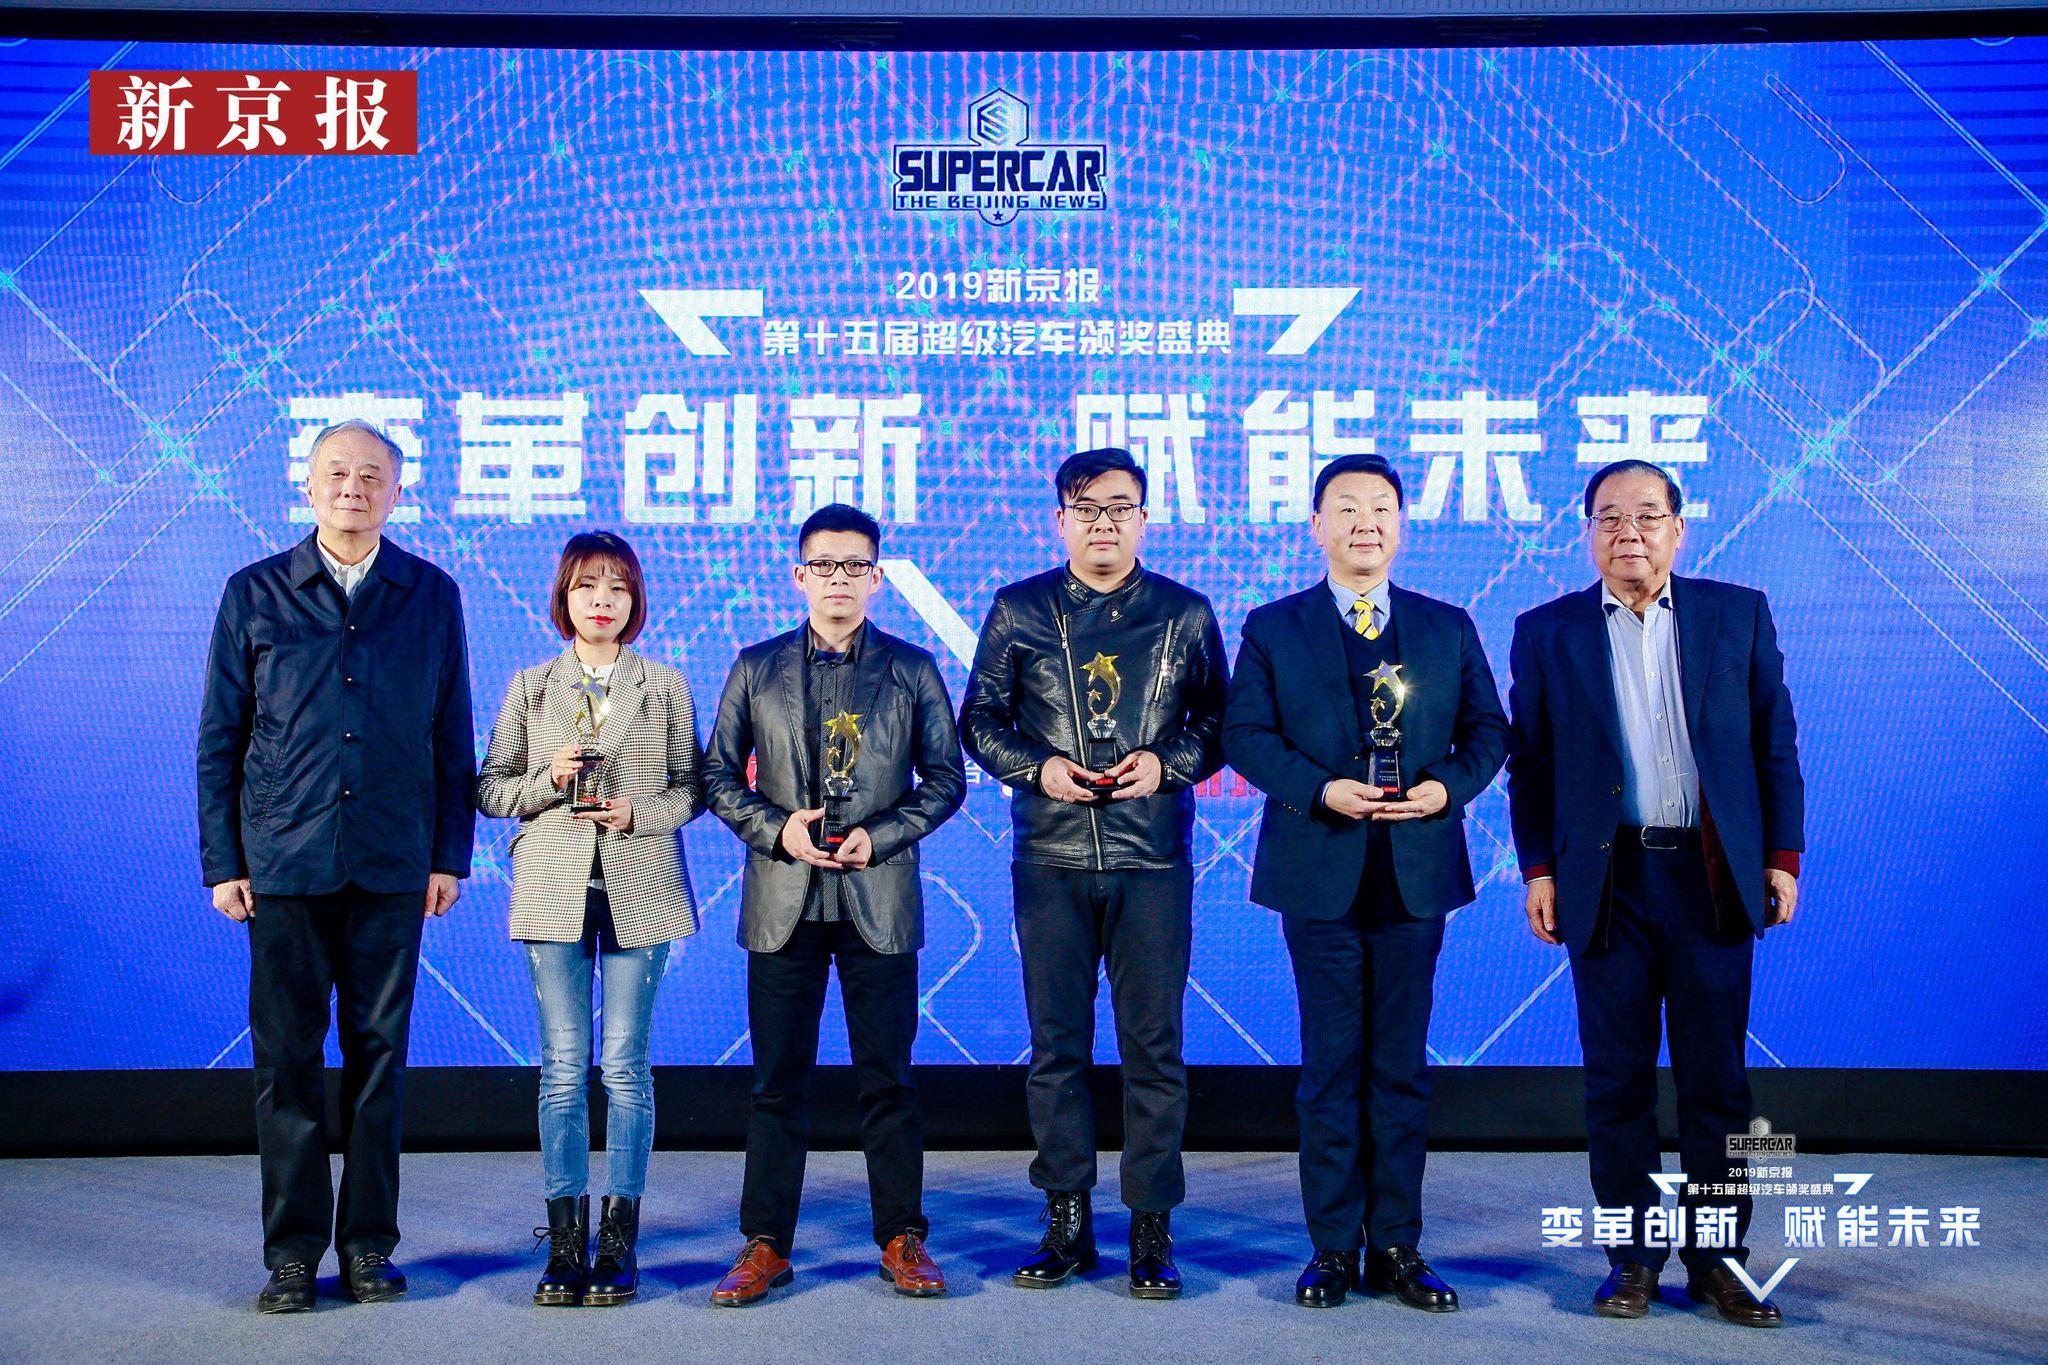 北京世纪北广广告公司荣获新京报超级汽车优异整合营销奖图片